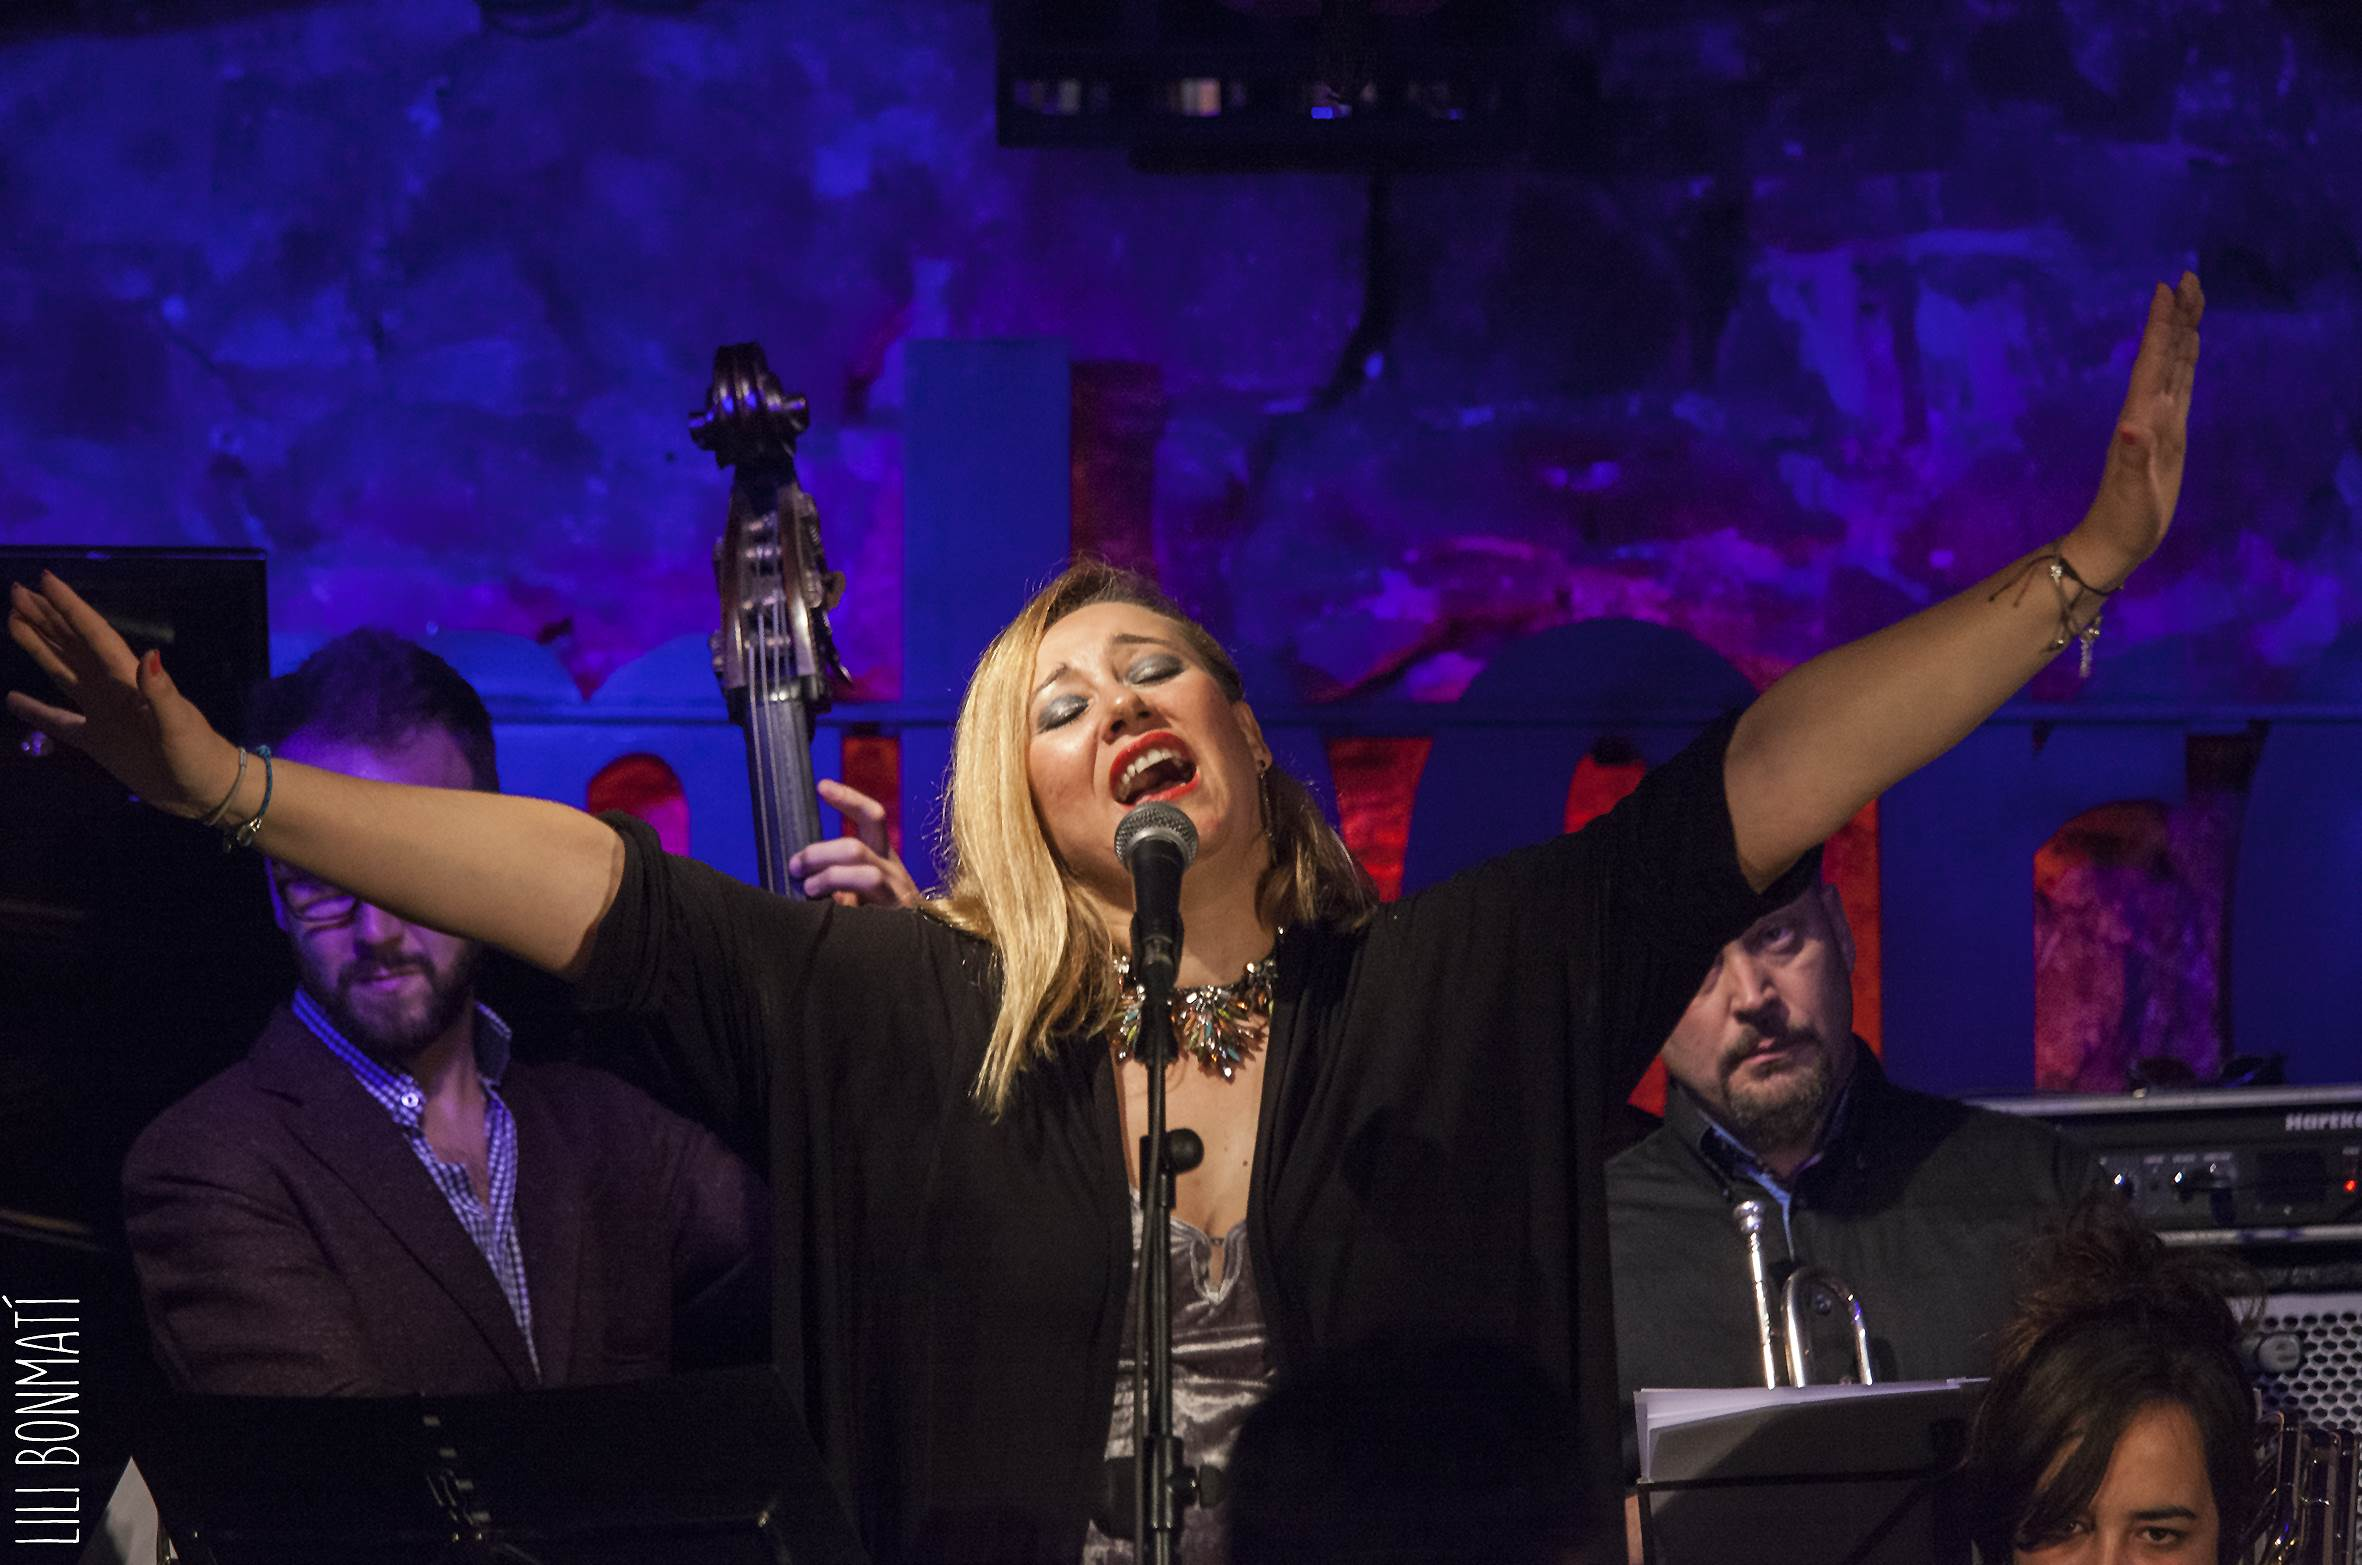 Jazz Otoño y Burka Teatro copan la cartelera de la Sala Insular de Teatro